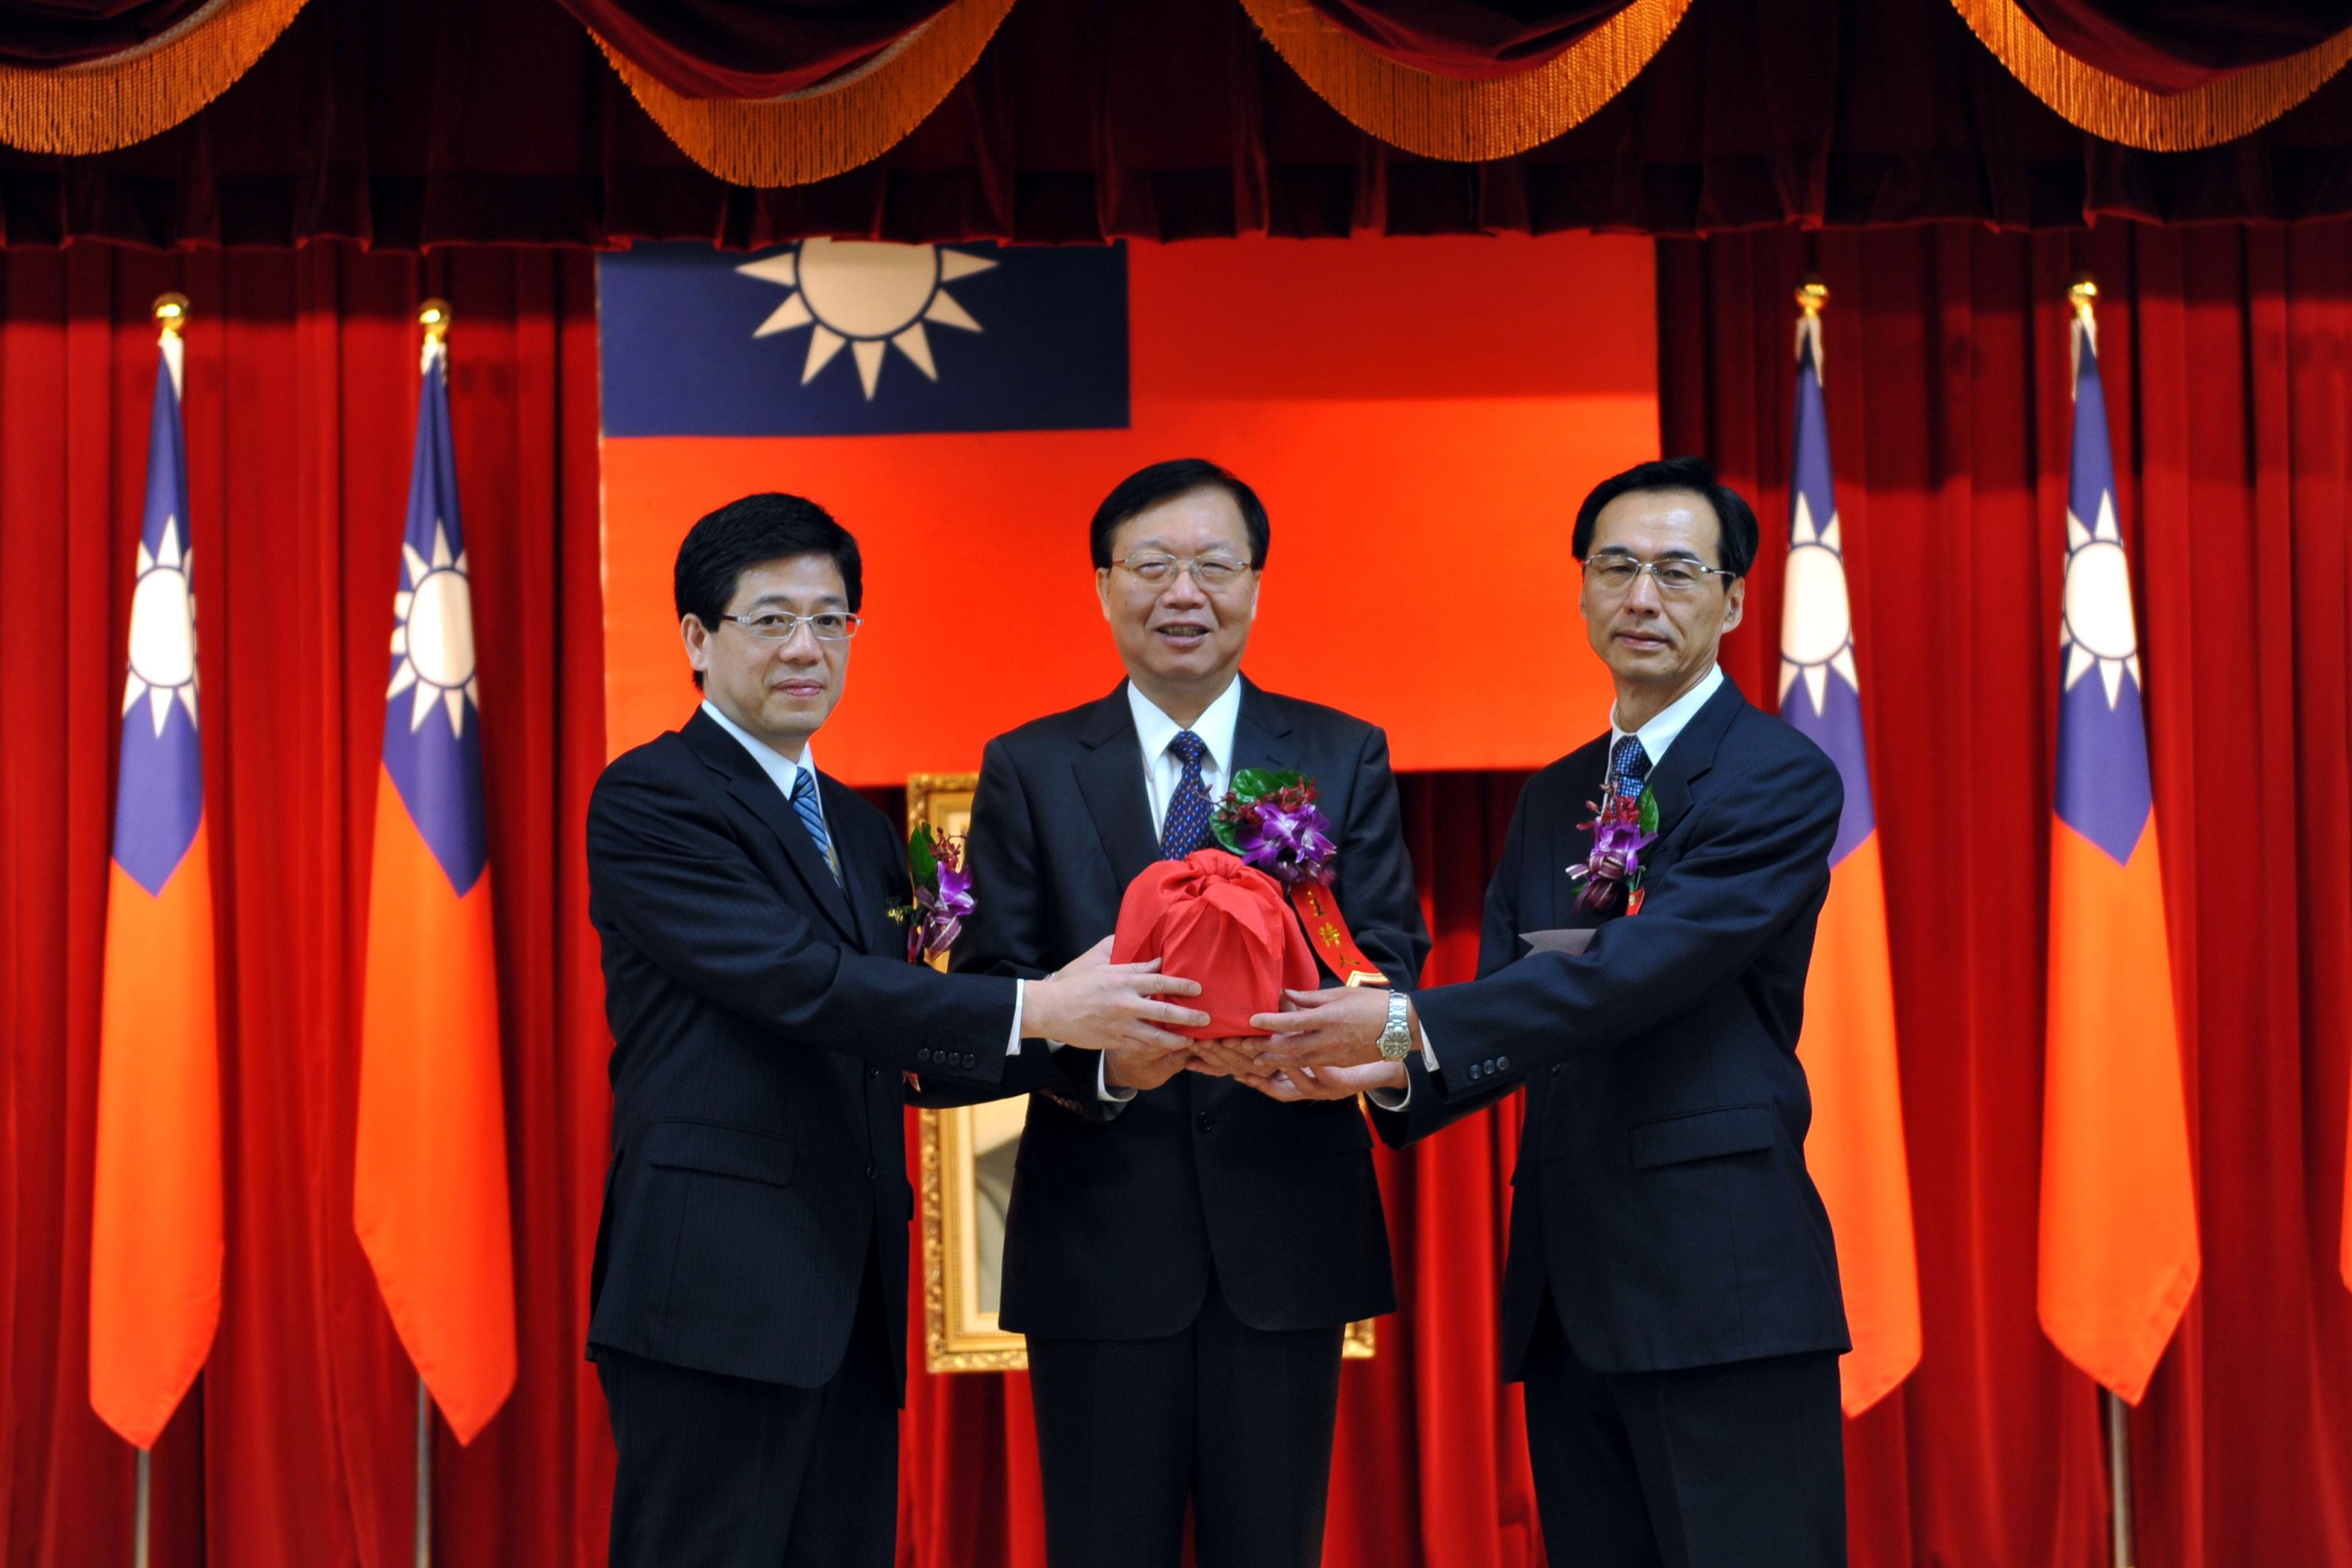 新舊任移民署署長今天舉行交接,內政部長陳威仁肯定前署長謝立功在跨國合作和輔導移民政策上的建樹。